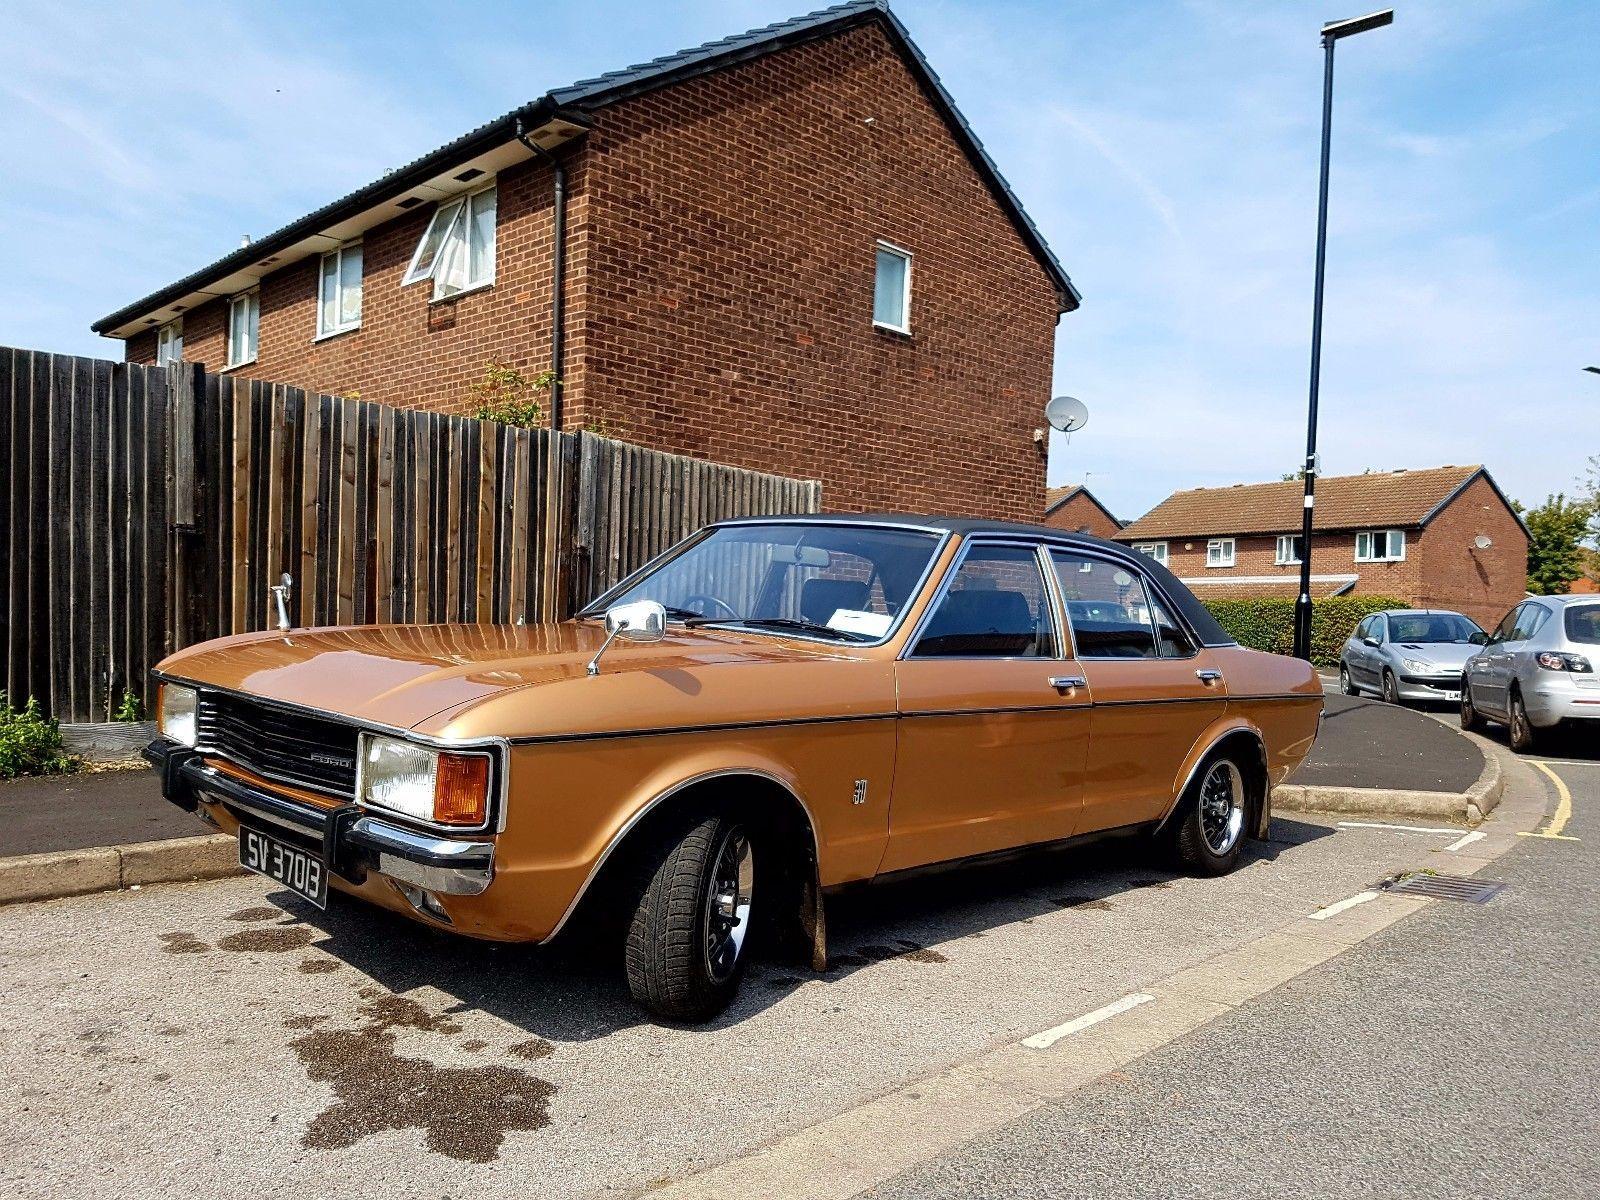 1976 Ford Granada Gl 3000 Automatic